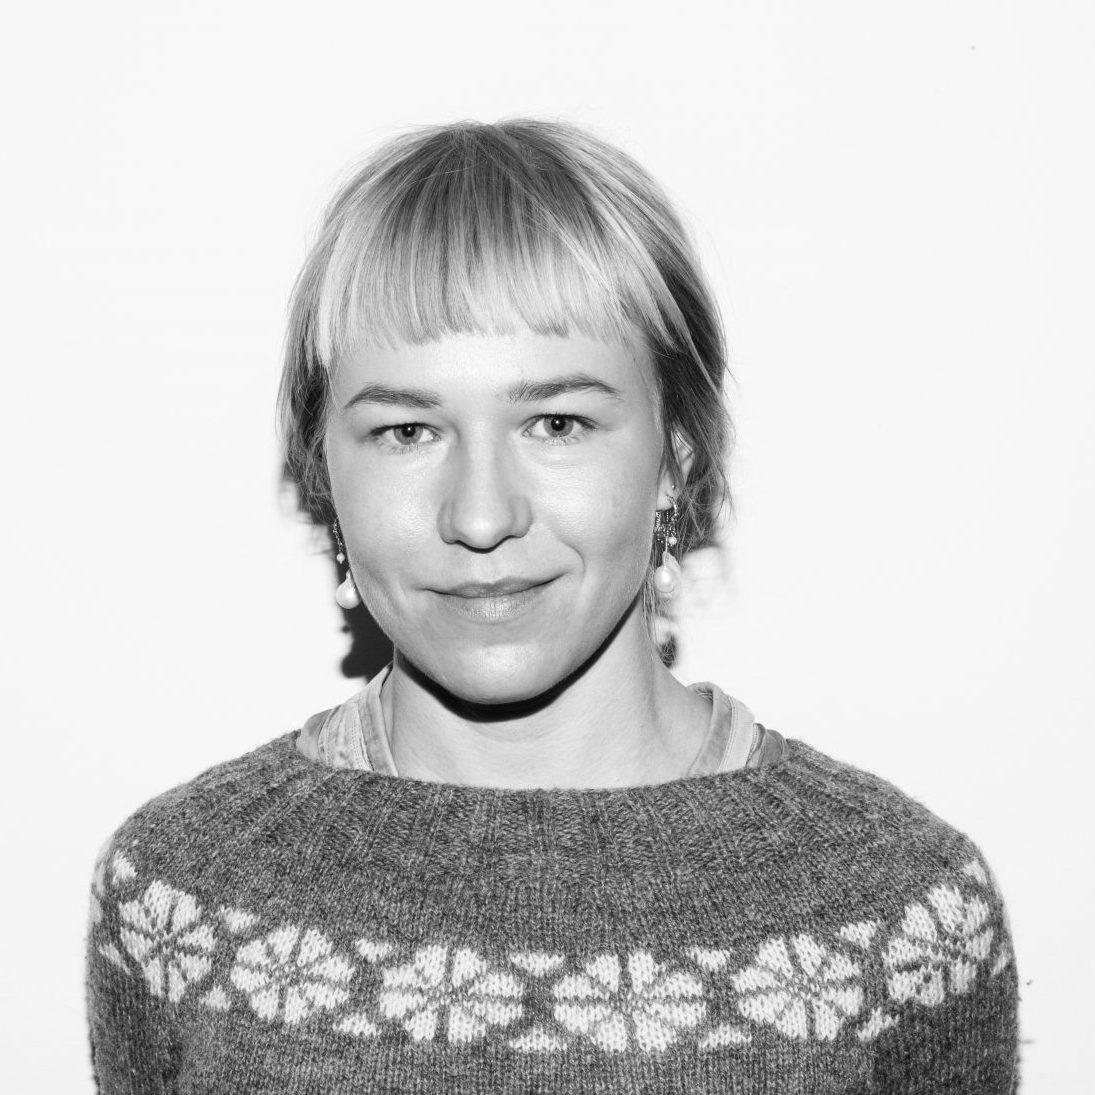 Psykolog Jorunn Hjelmar, speciale i unge og studerende